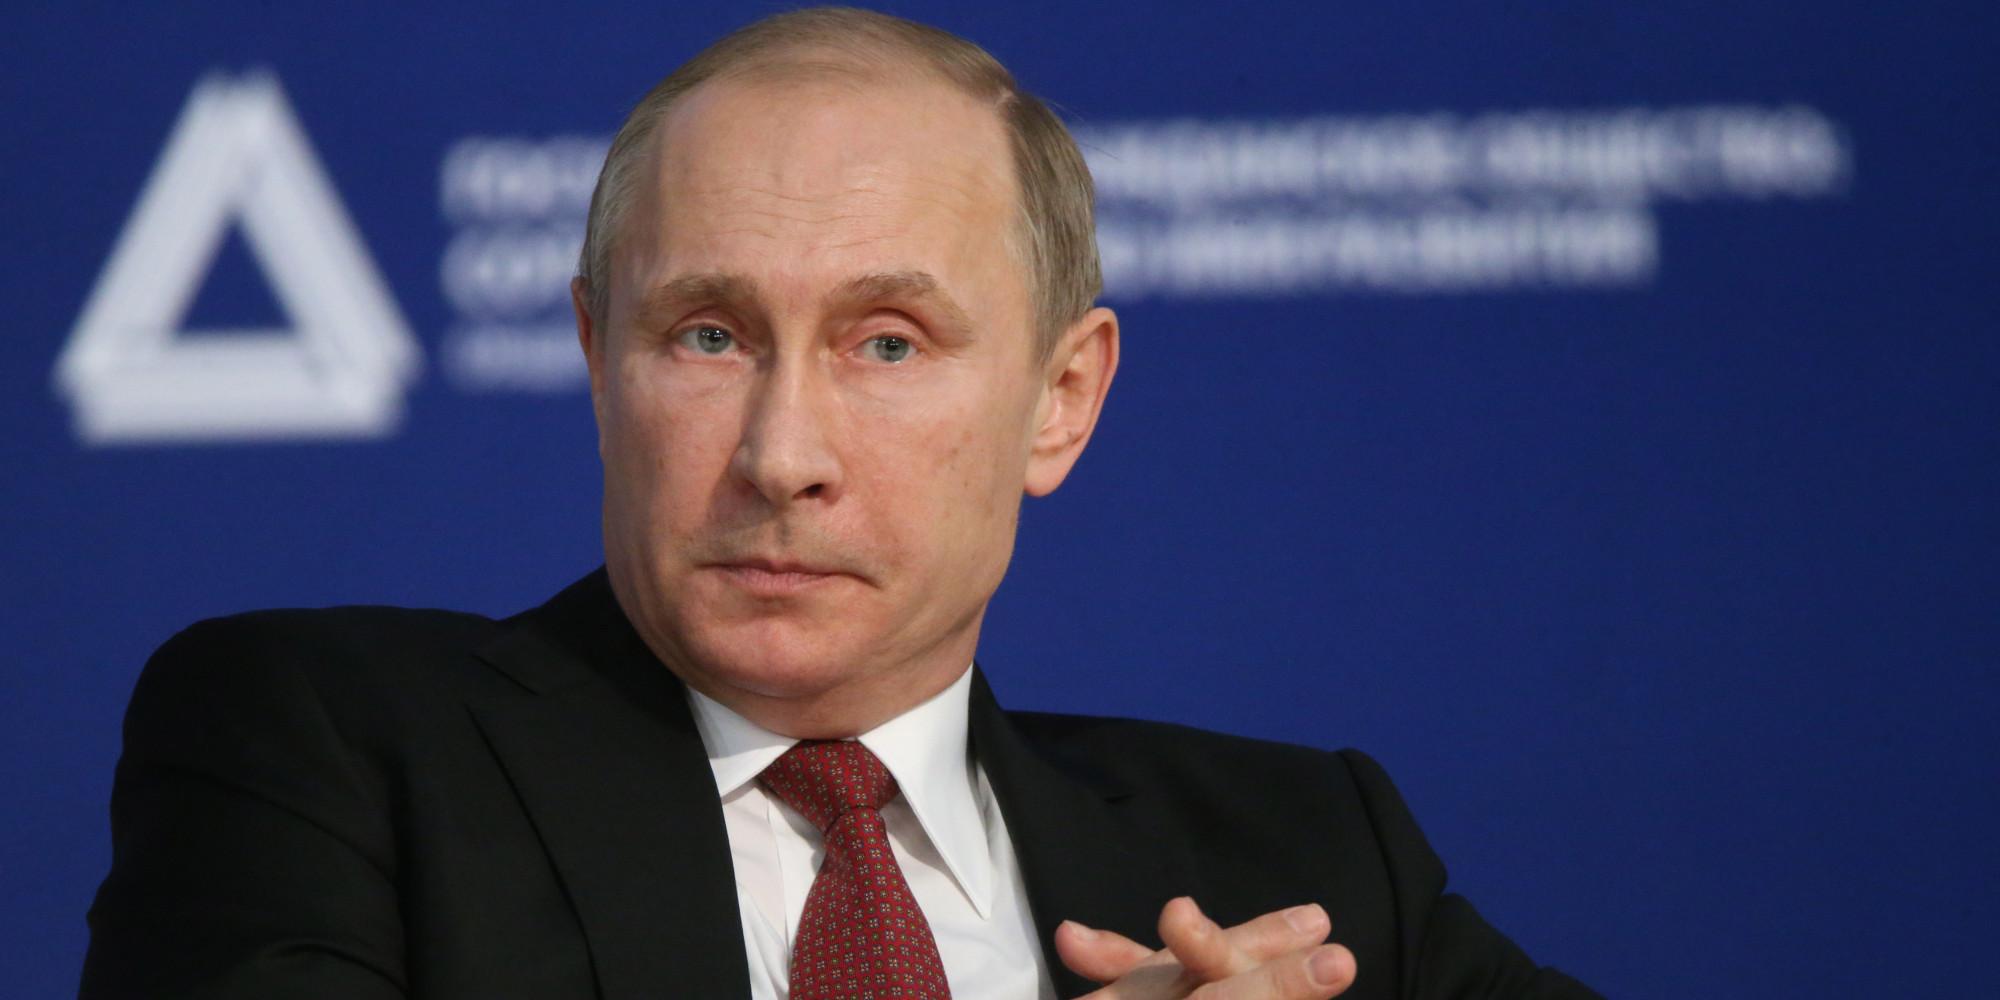 Internett bekjente russland